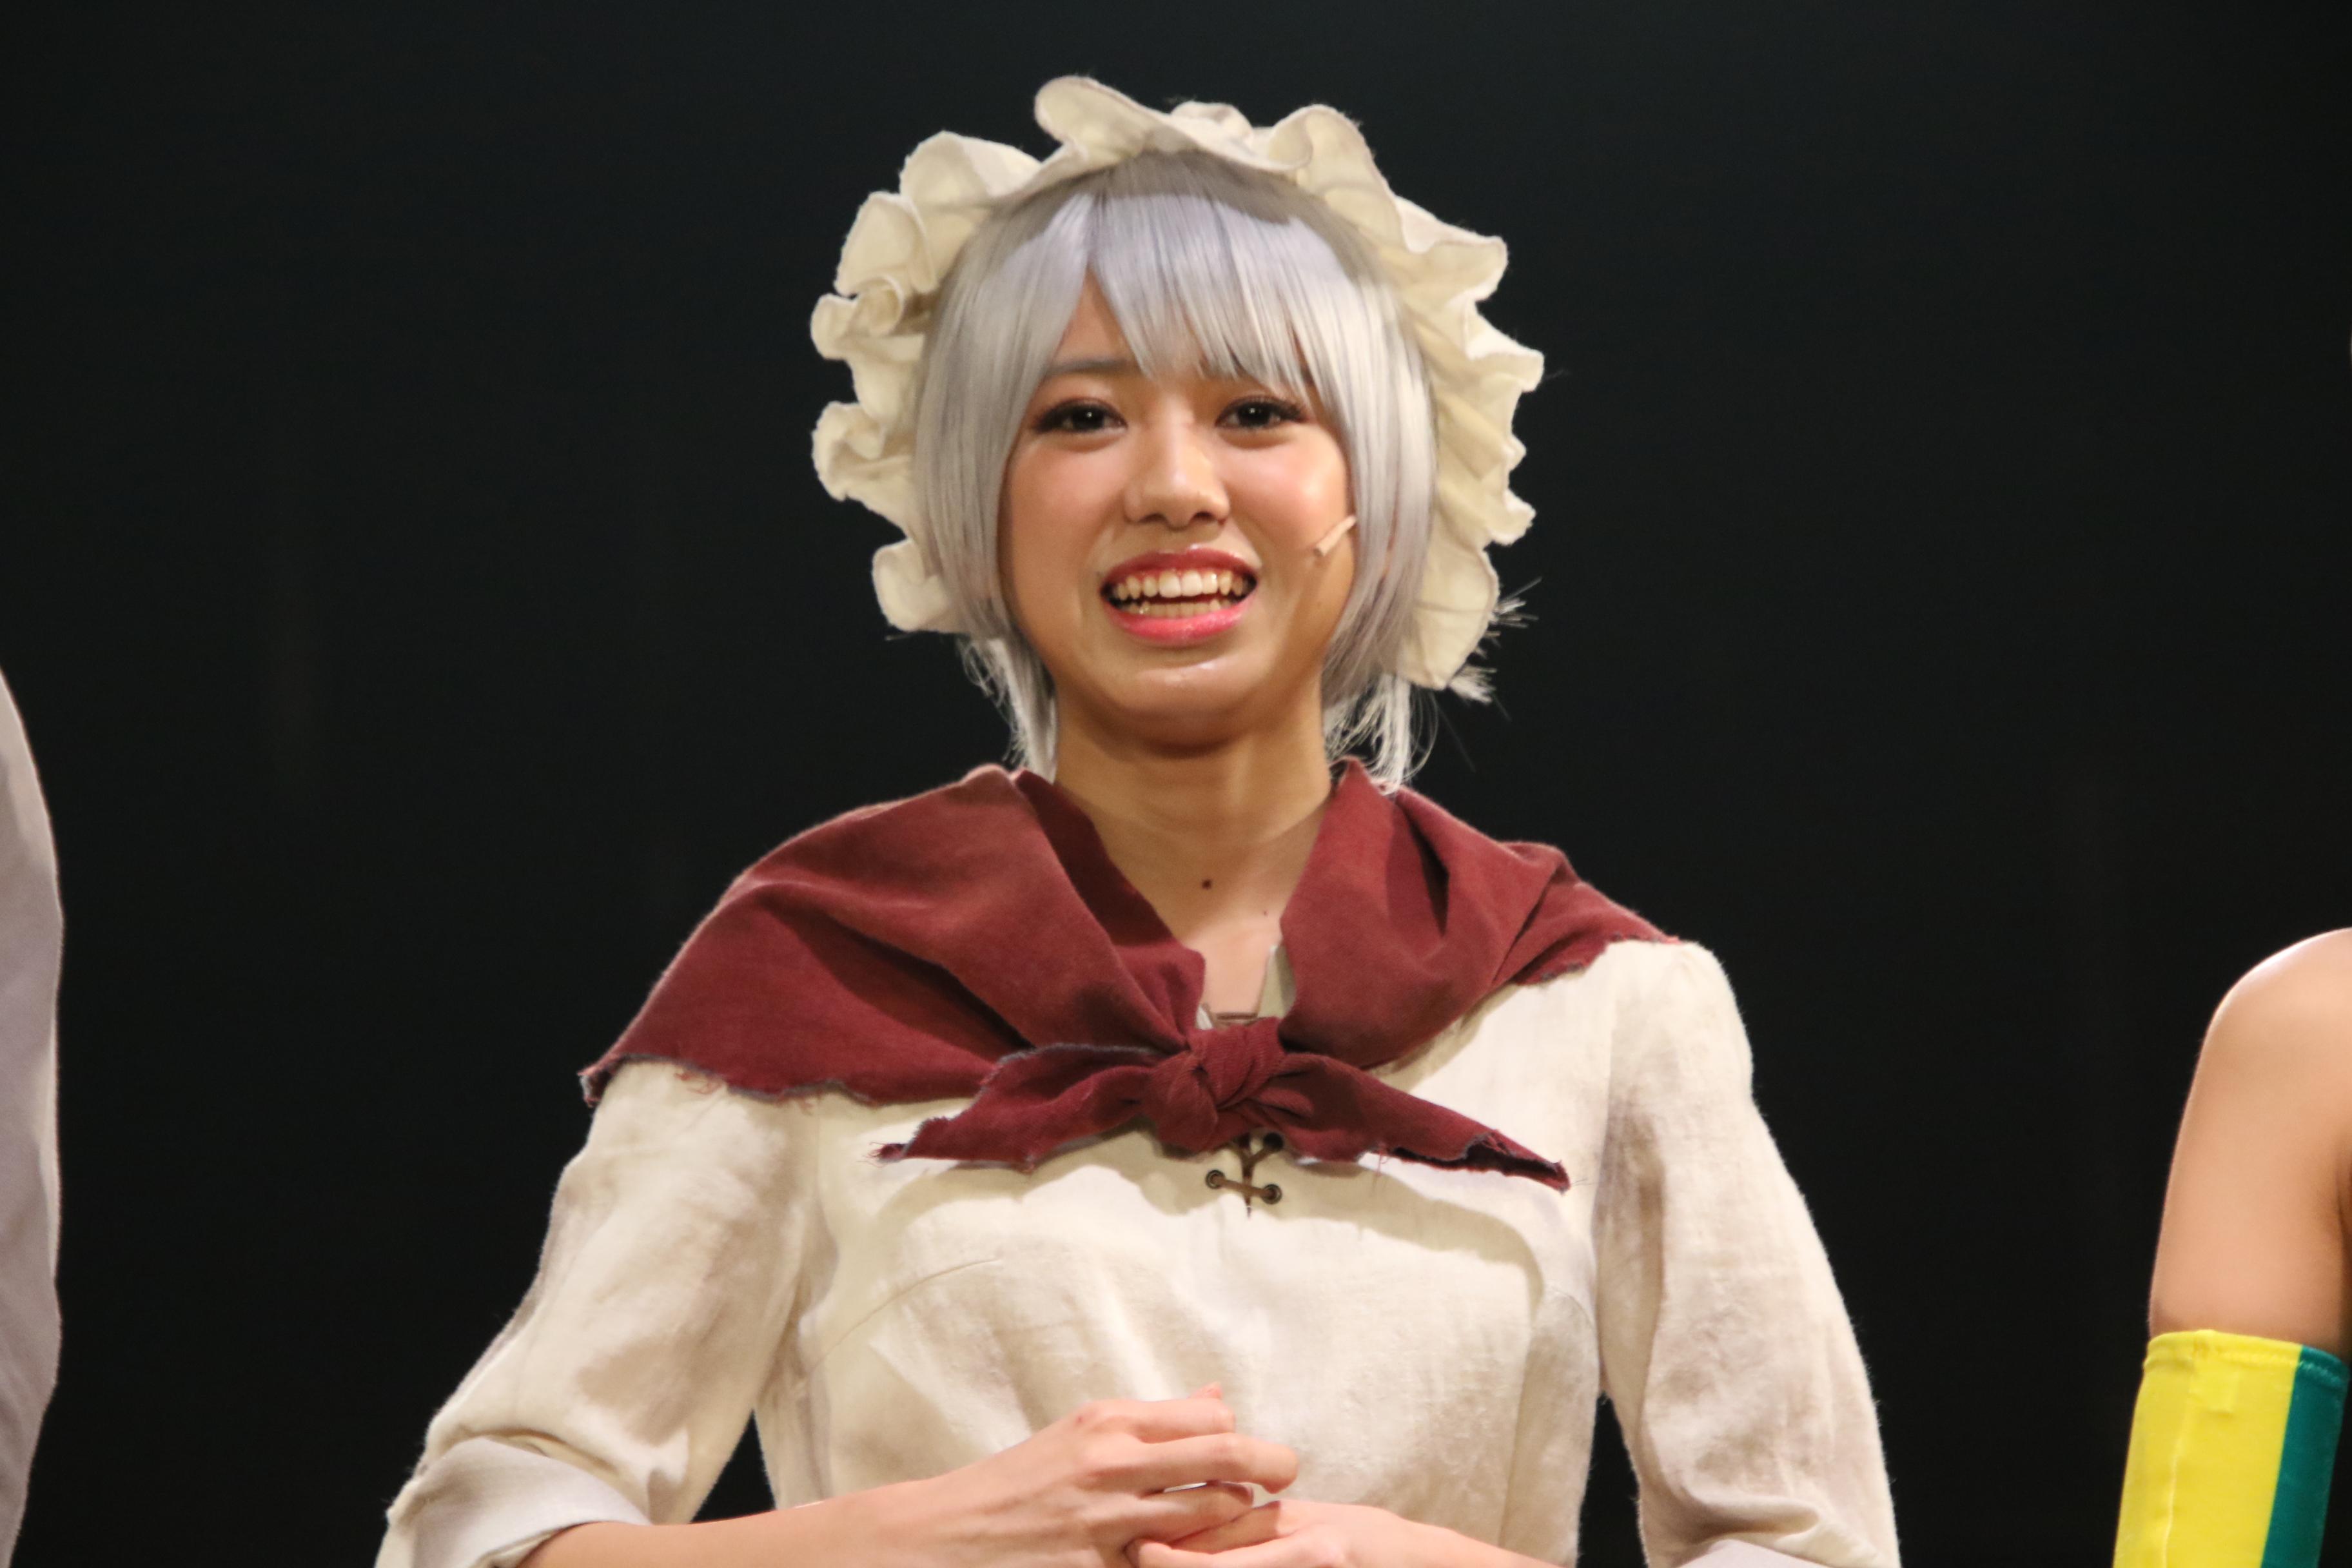 舞台劇「からくりサーカス」(囲み取材)での大西桃香